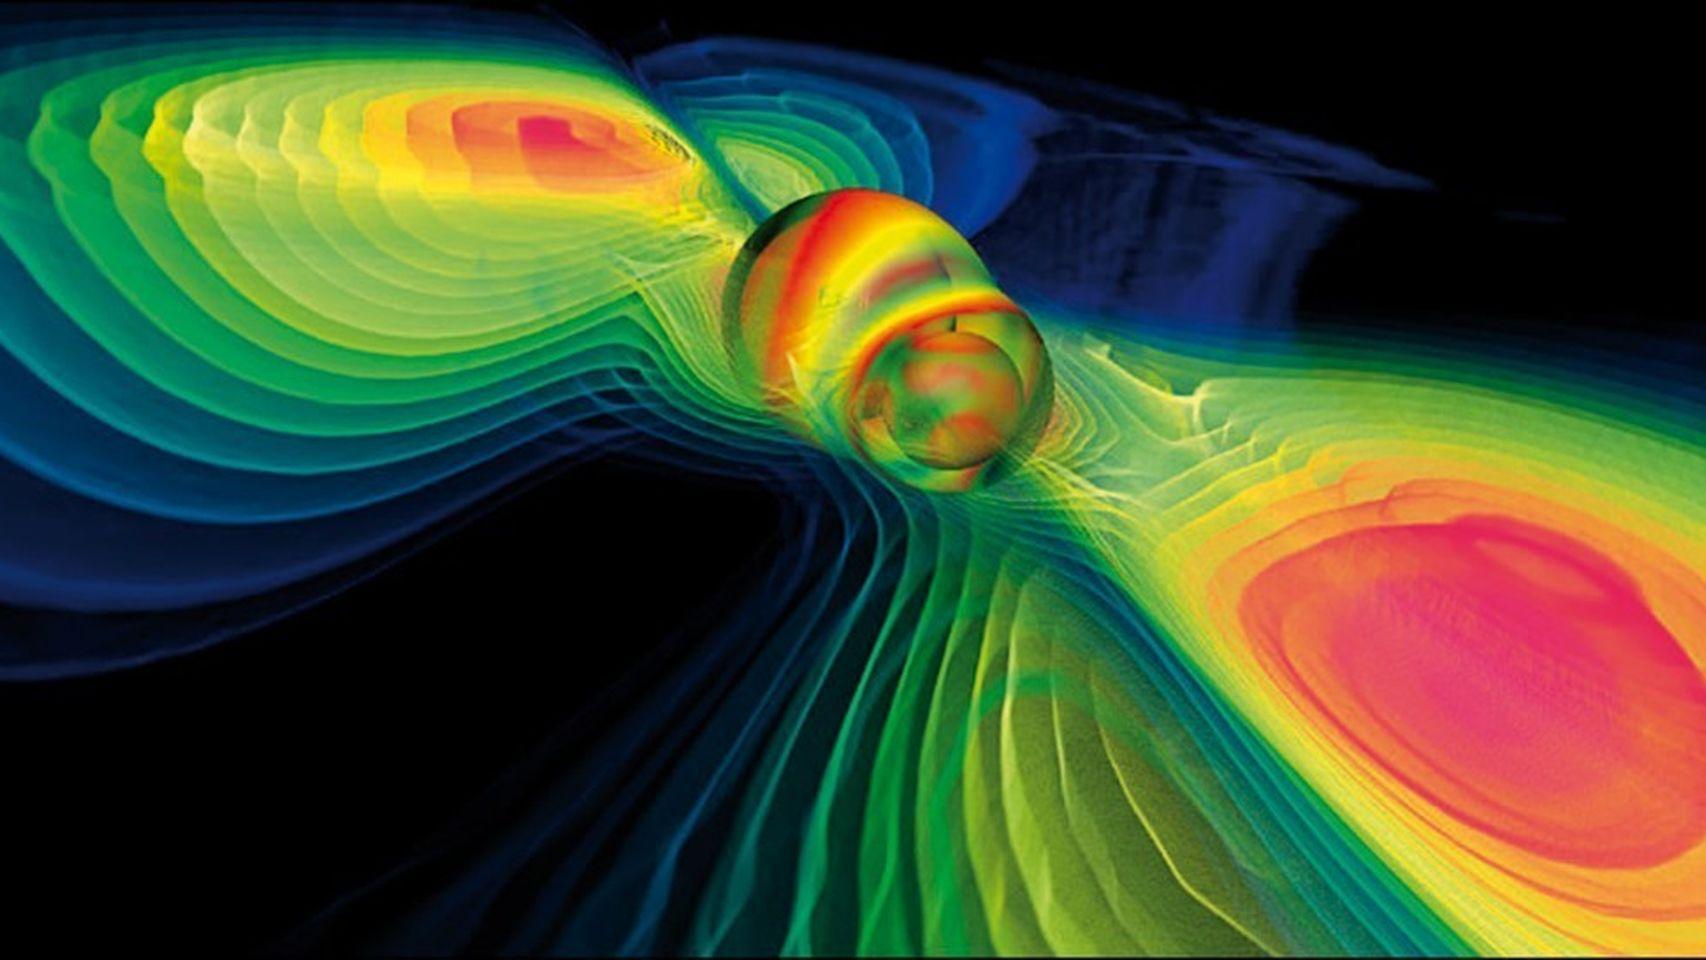 Representación gráfica de las ondas gravitacionales generadas por la colisión de dos objetos compactos